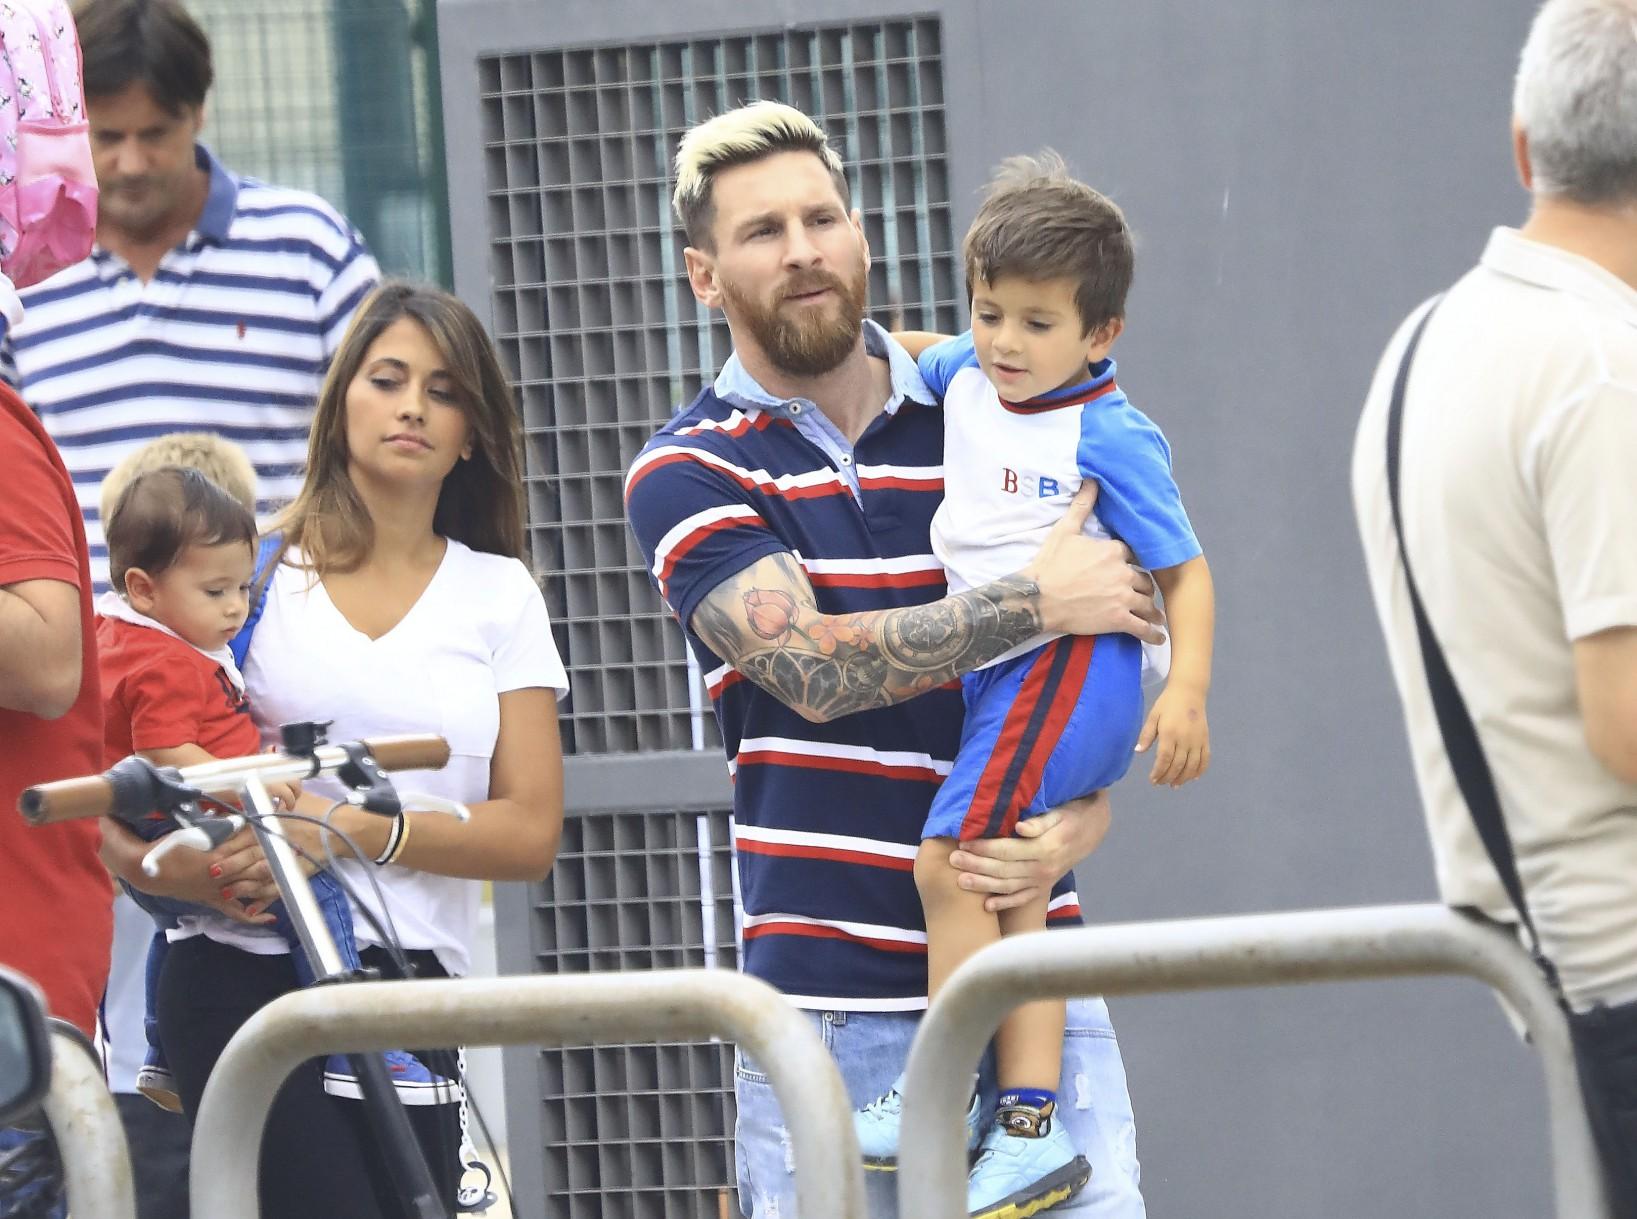 Su lado paternal, Lio junto a Anto y Mateo a la salida del colegio de Thiago